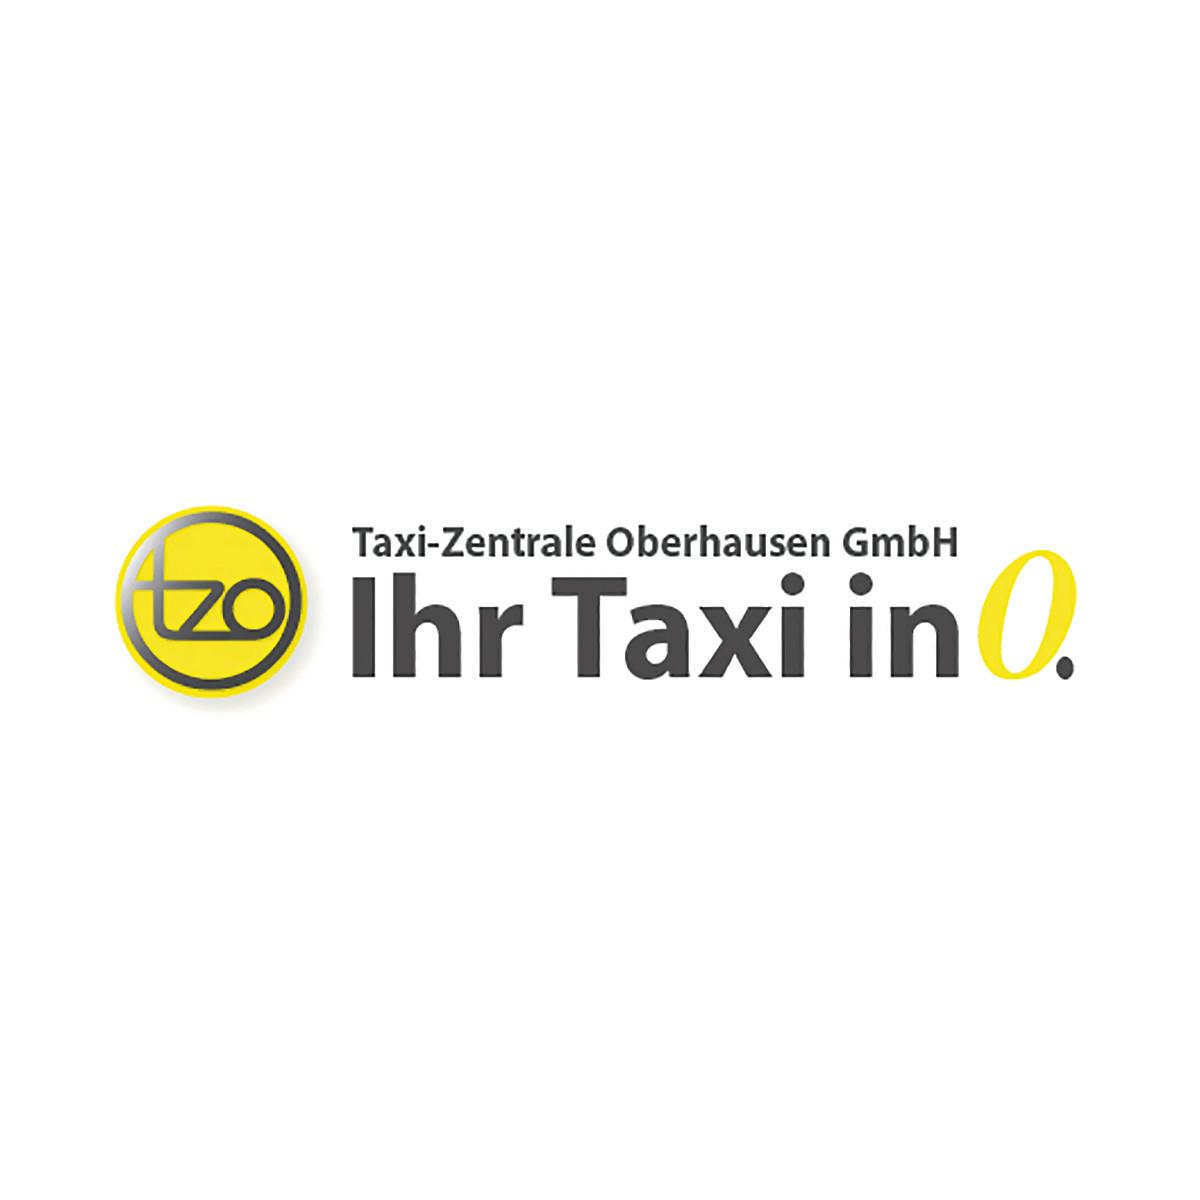 taxi zentrale oberhausen gmbh taxis oberhausen deutschland tel 0208666. Black Bedroom Furniture Sets. Home Design Ideas